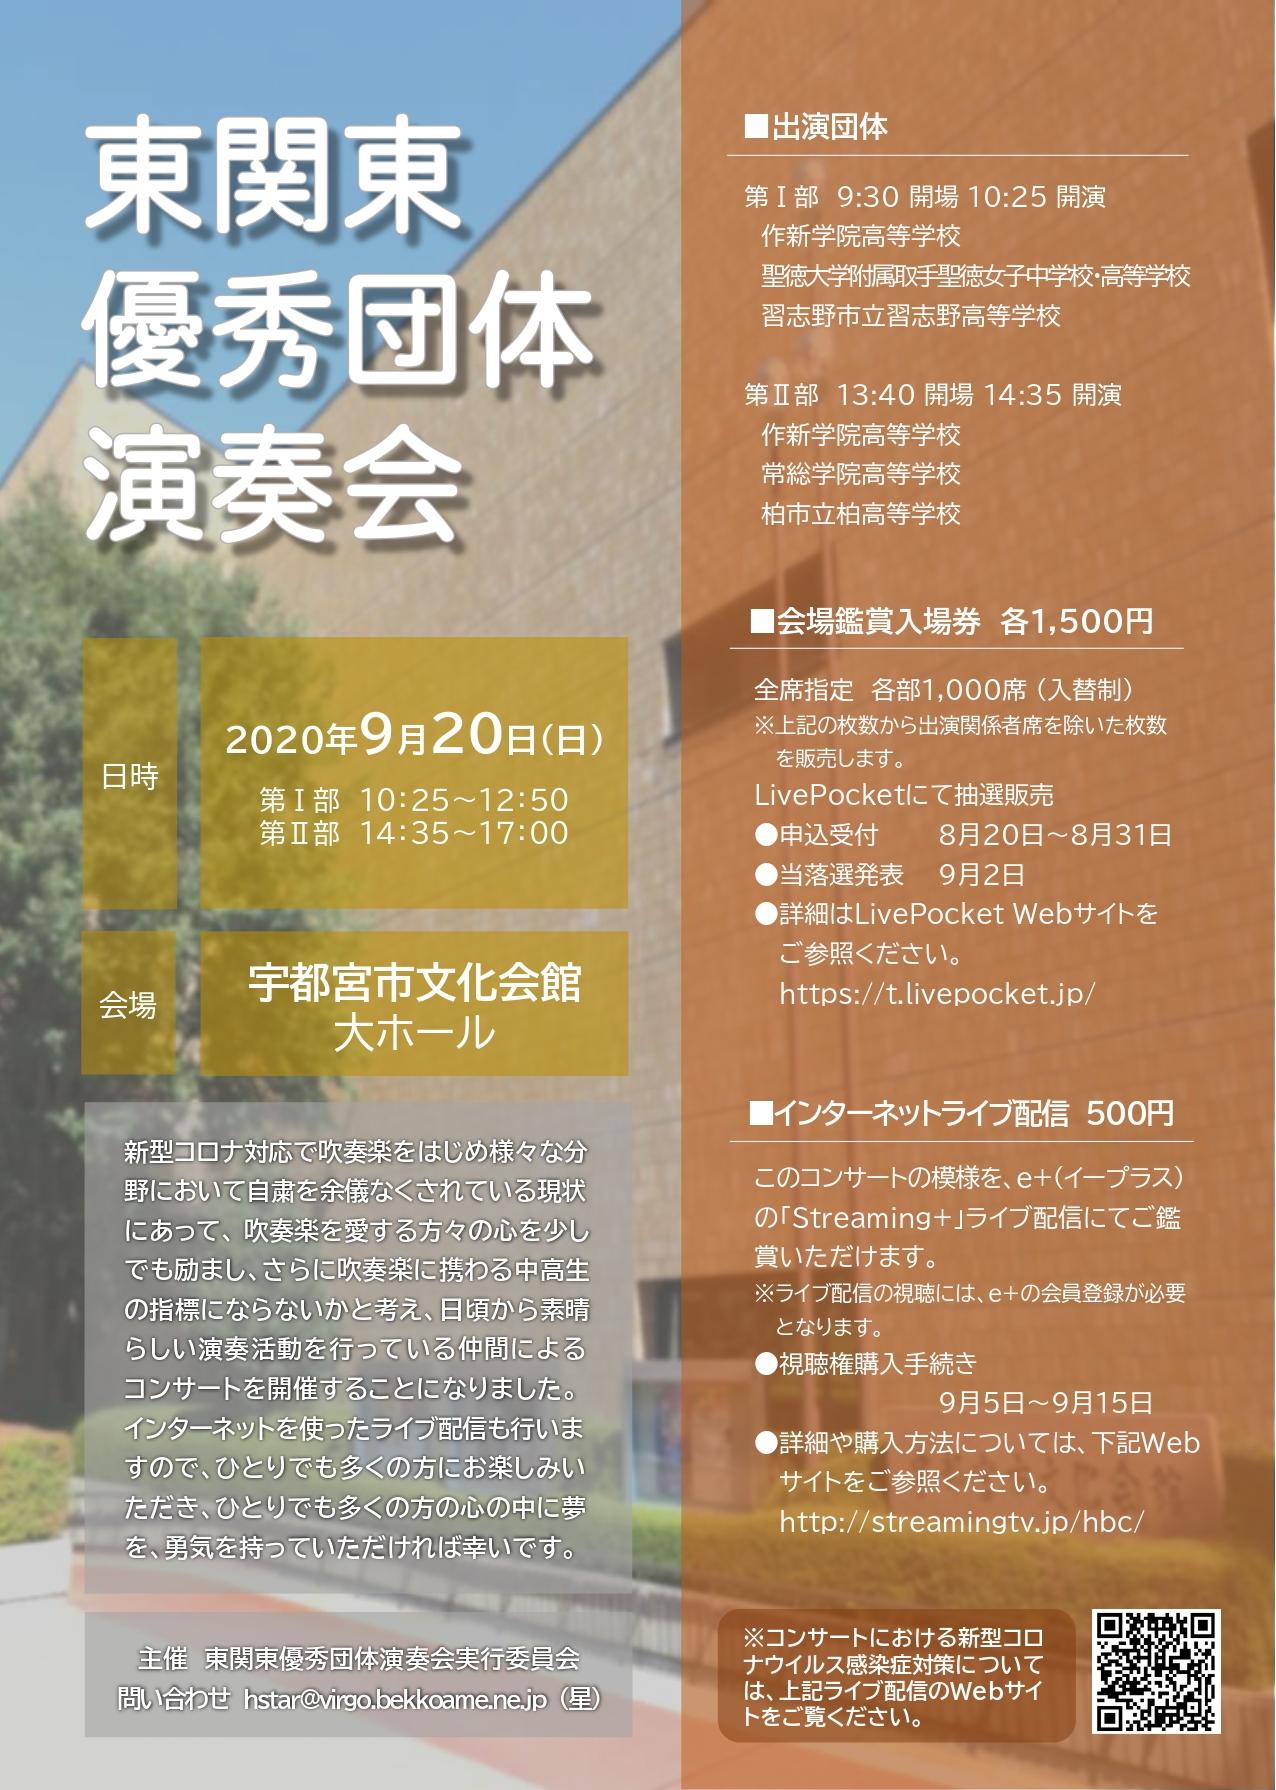 【第Ⅰ部】東関東優秀団体演奏会